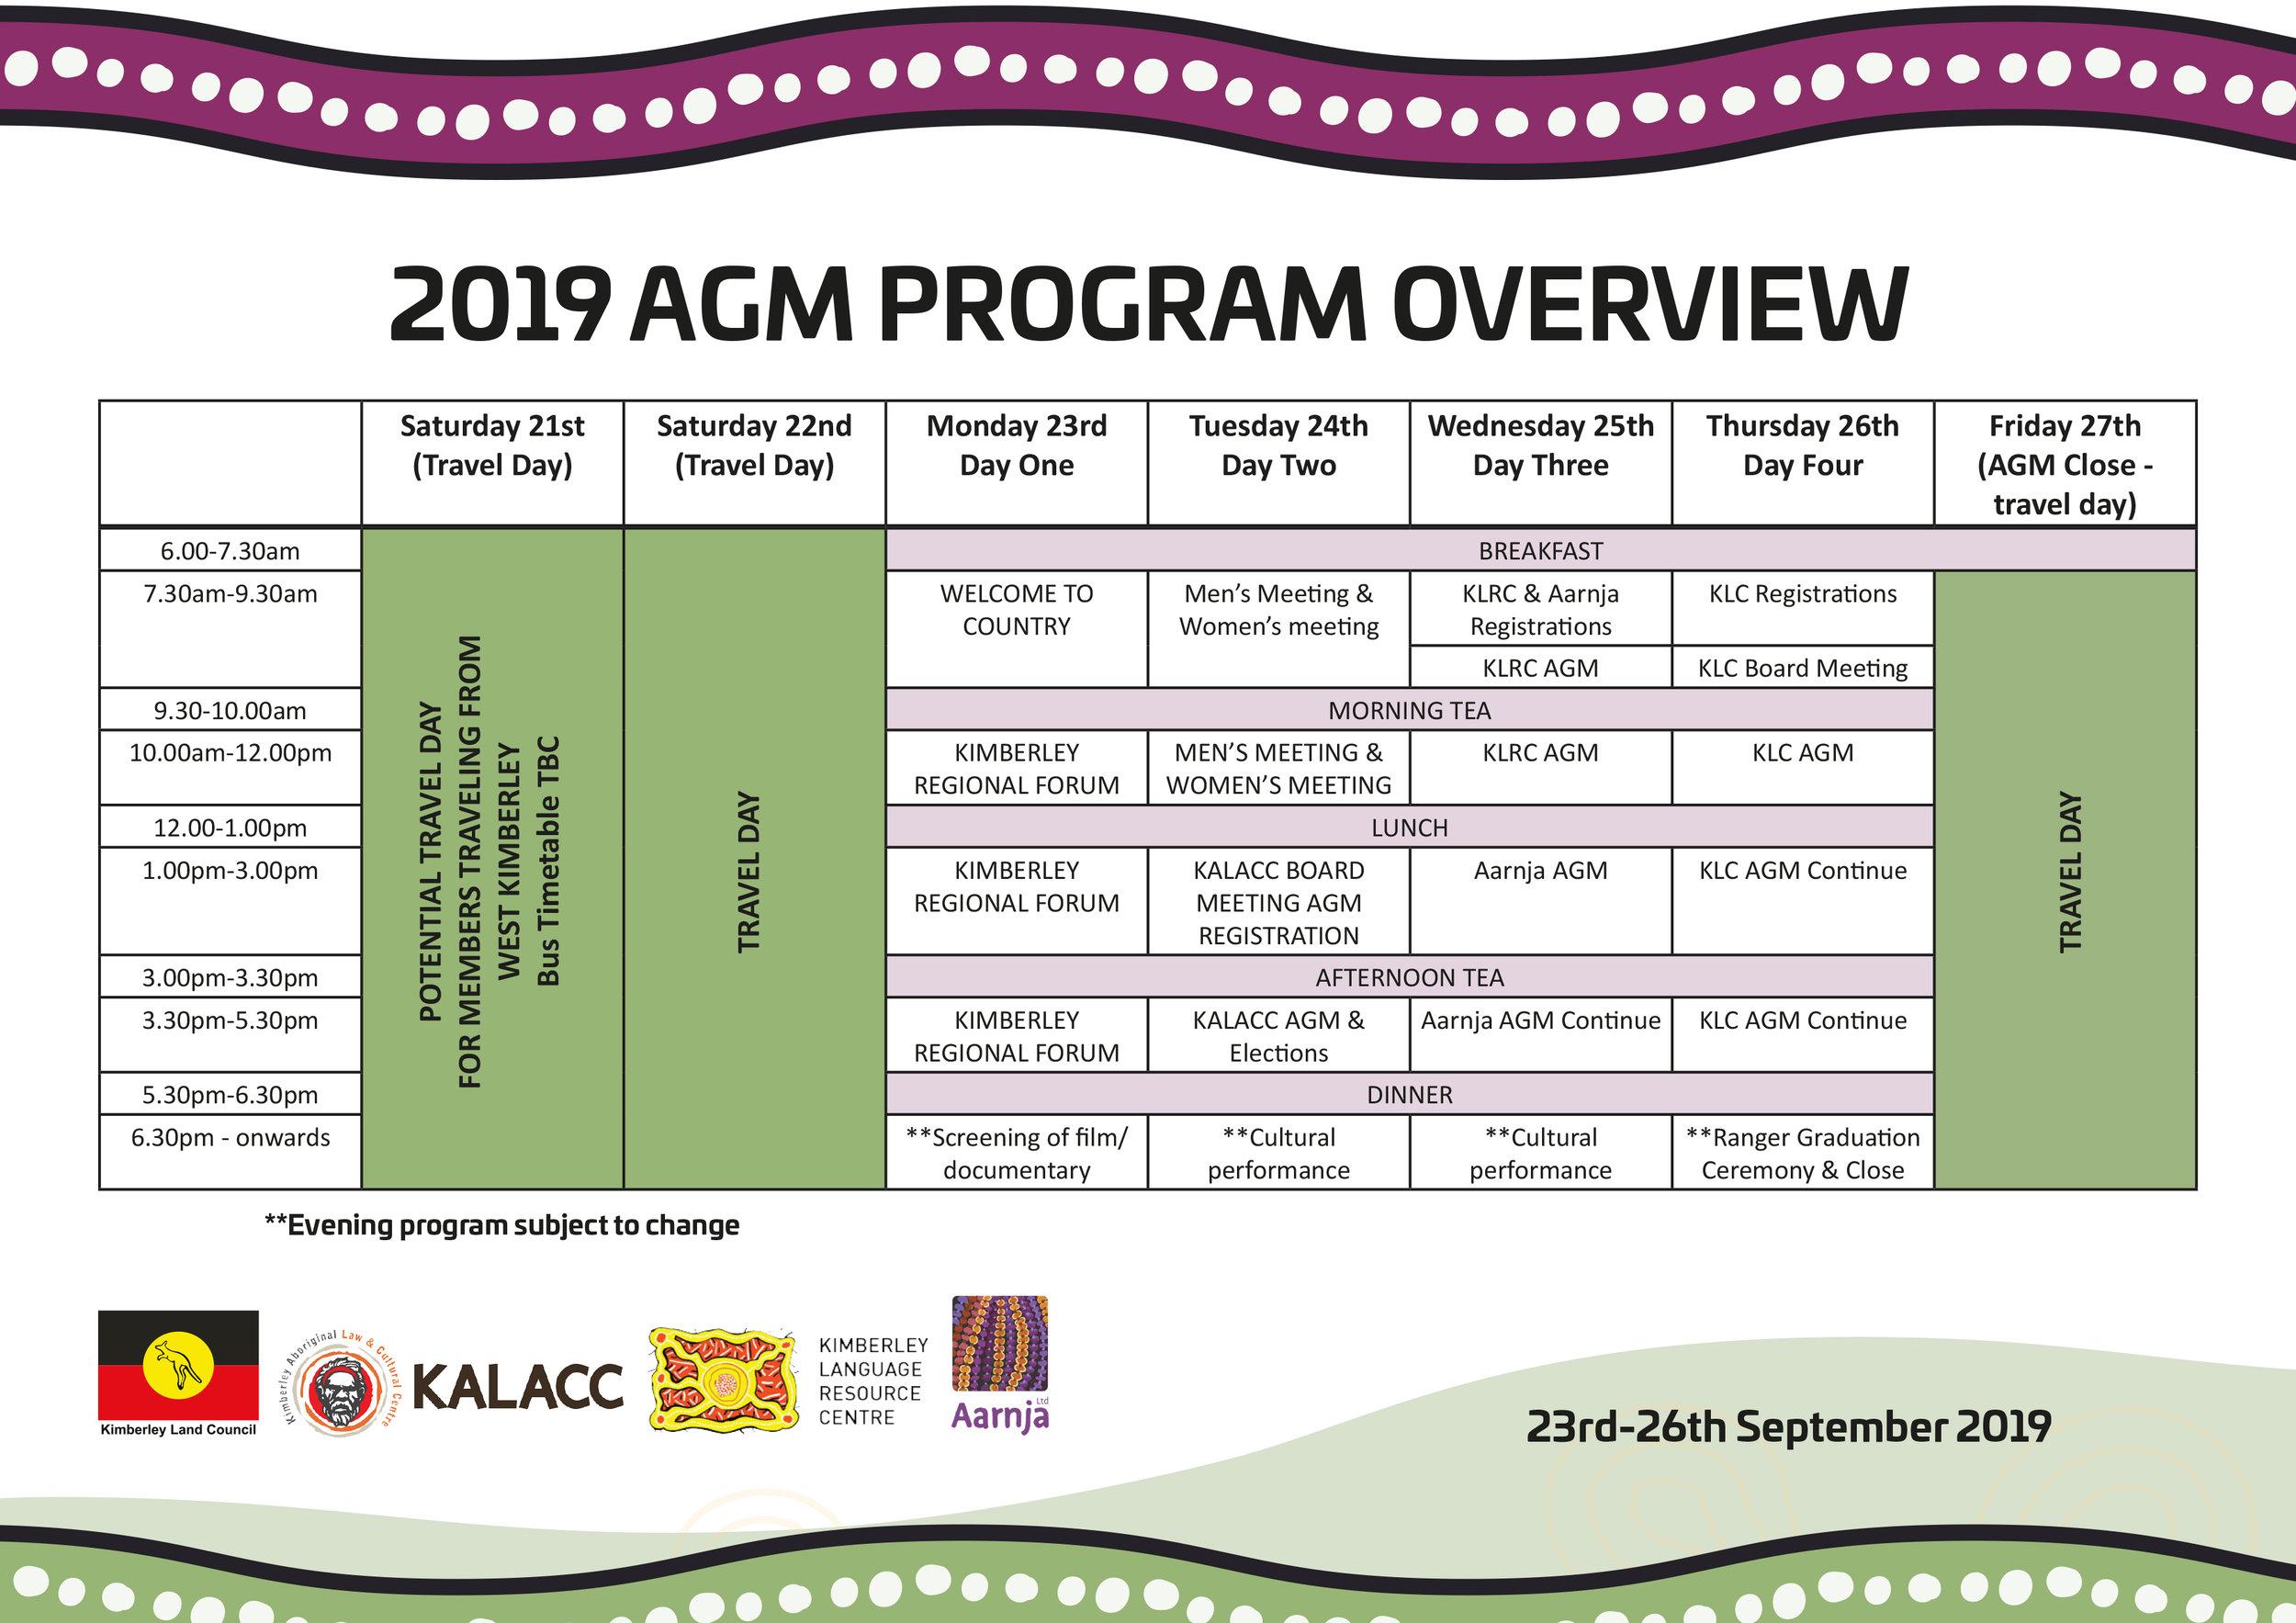 agm program overview.jpg